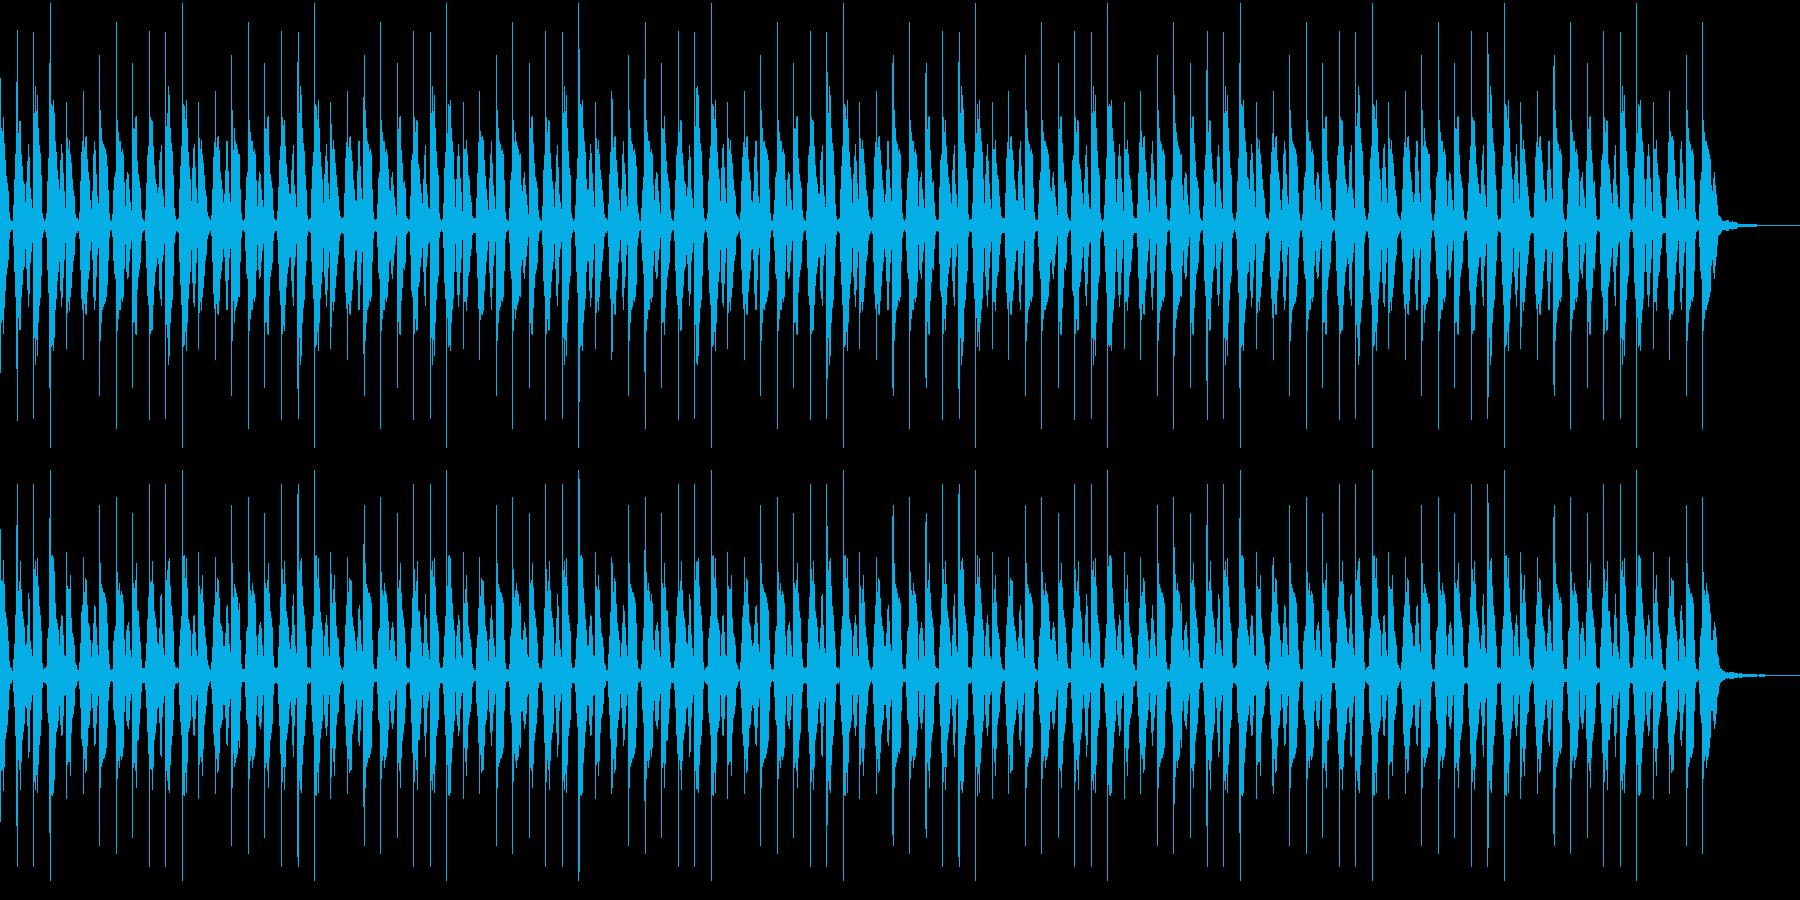 もやもやしたBGM(1分版)の再生済みの波形